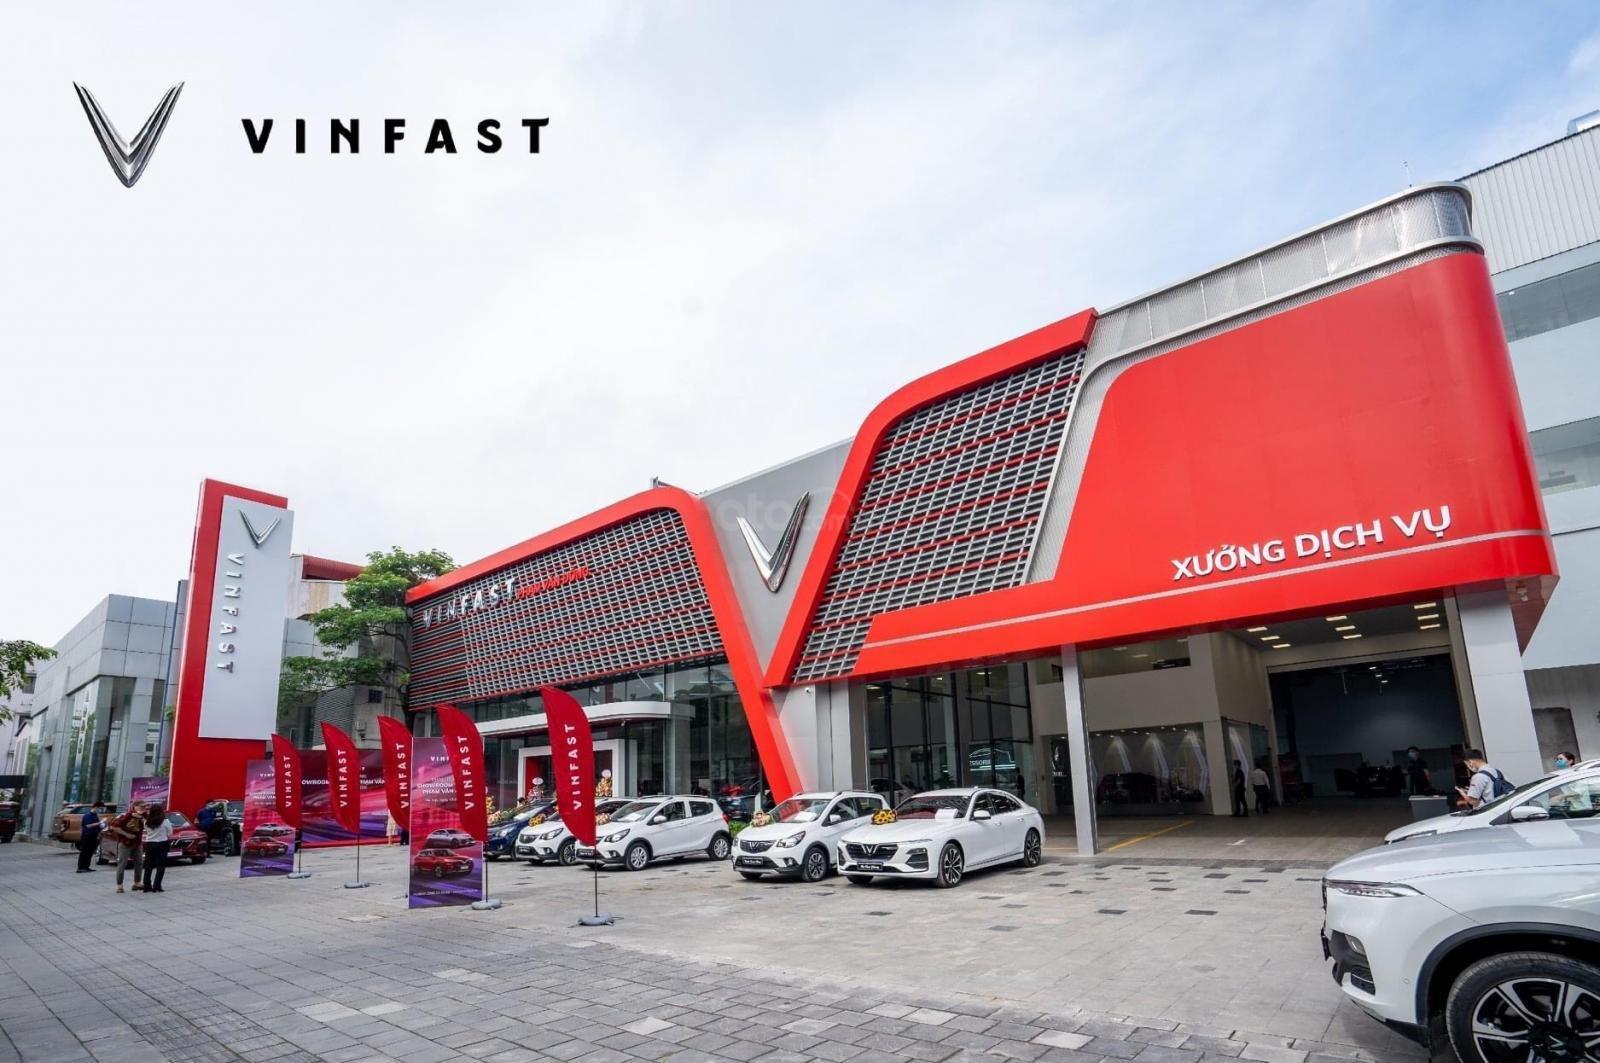 Vinfast Phạm Văn Đồng (2)